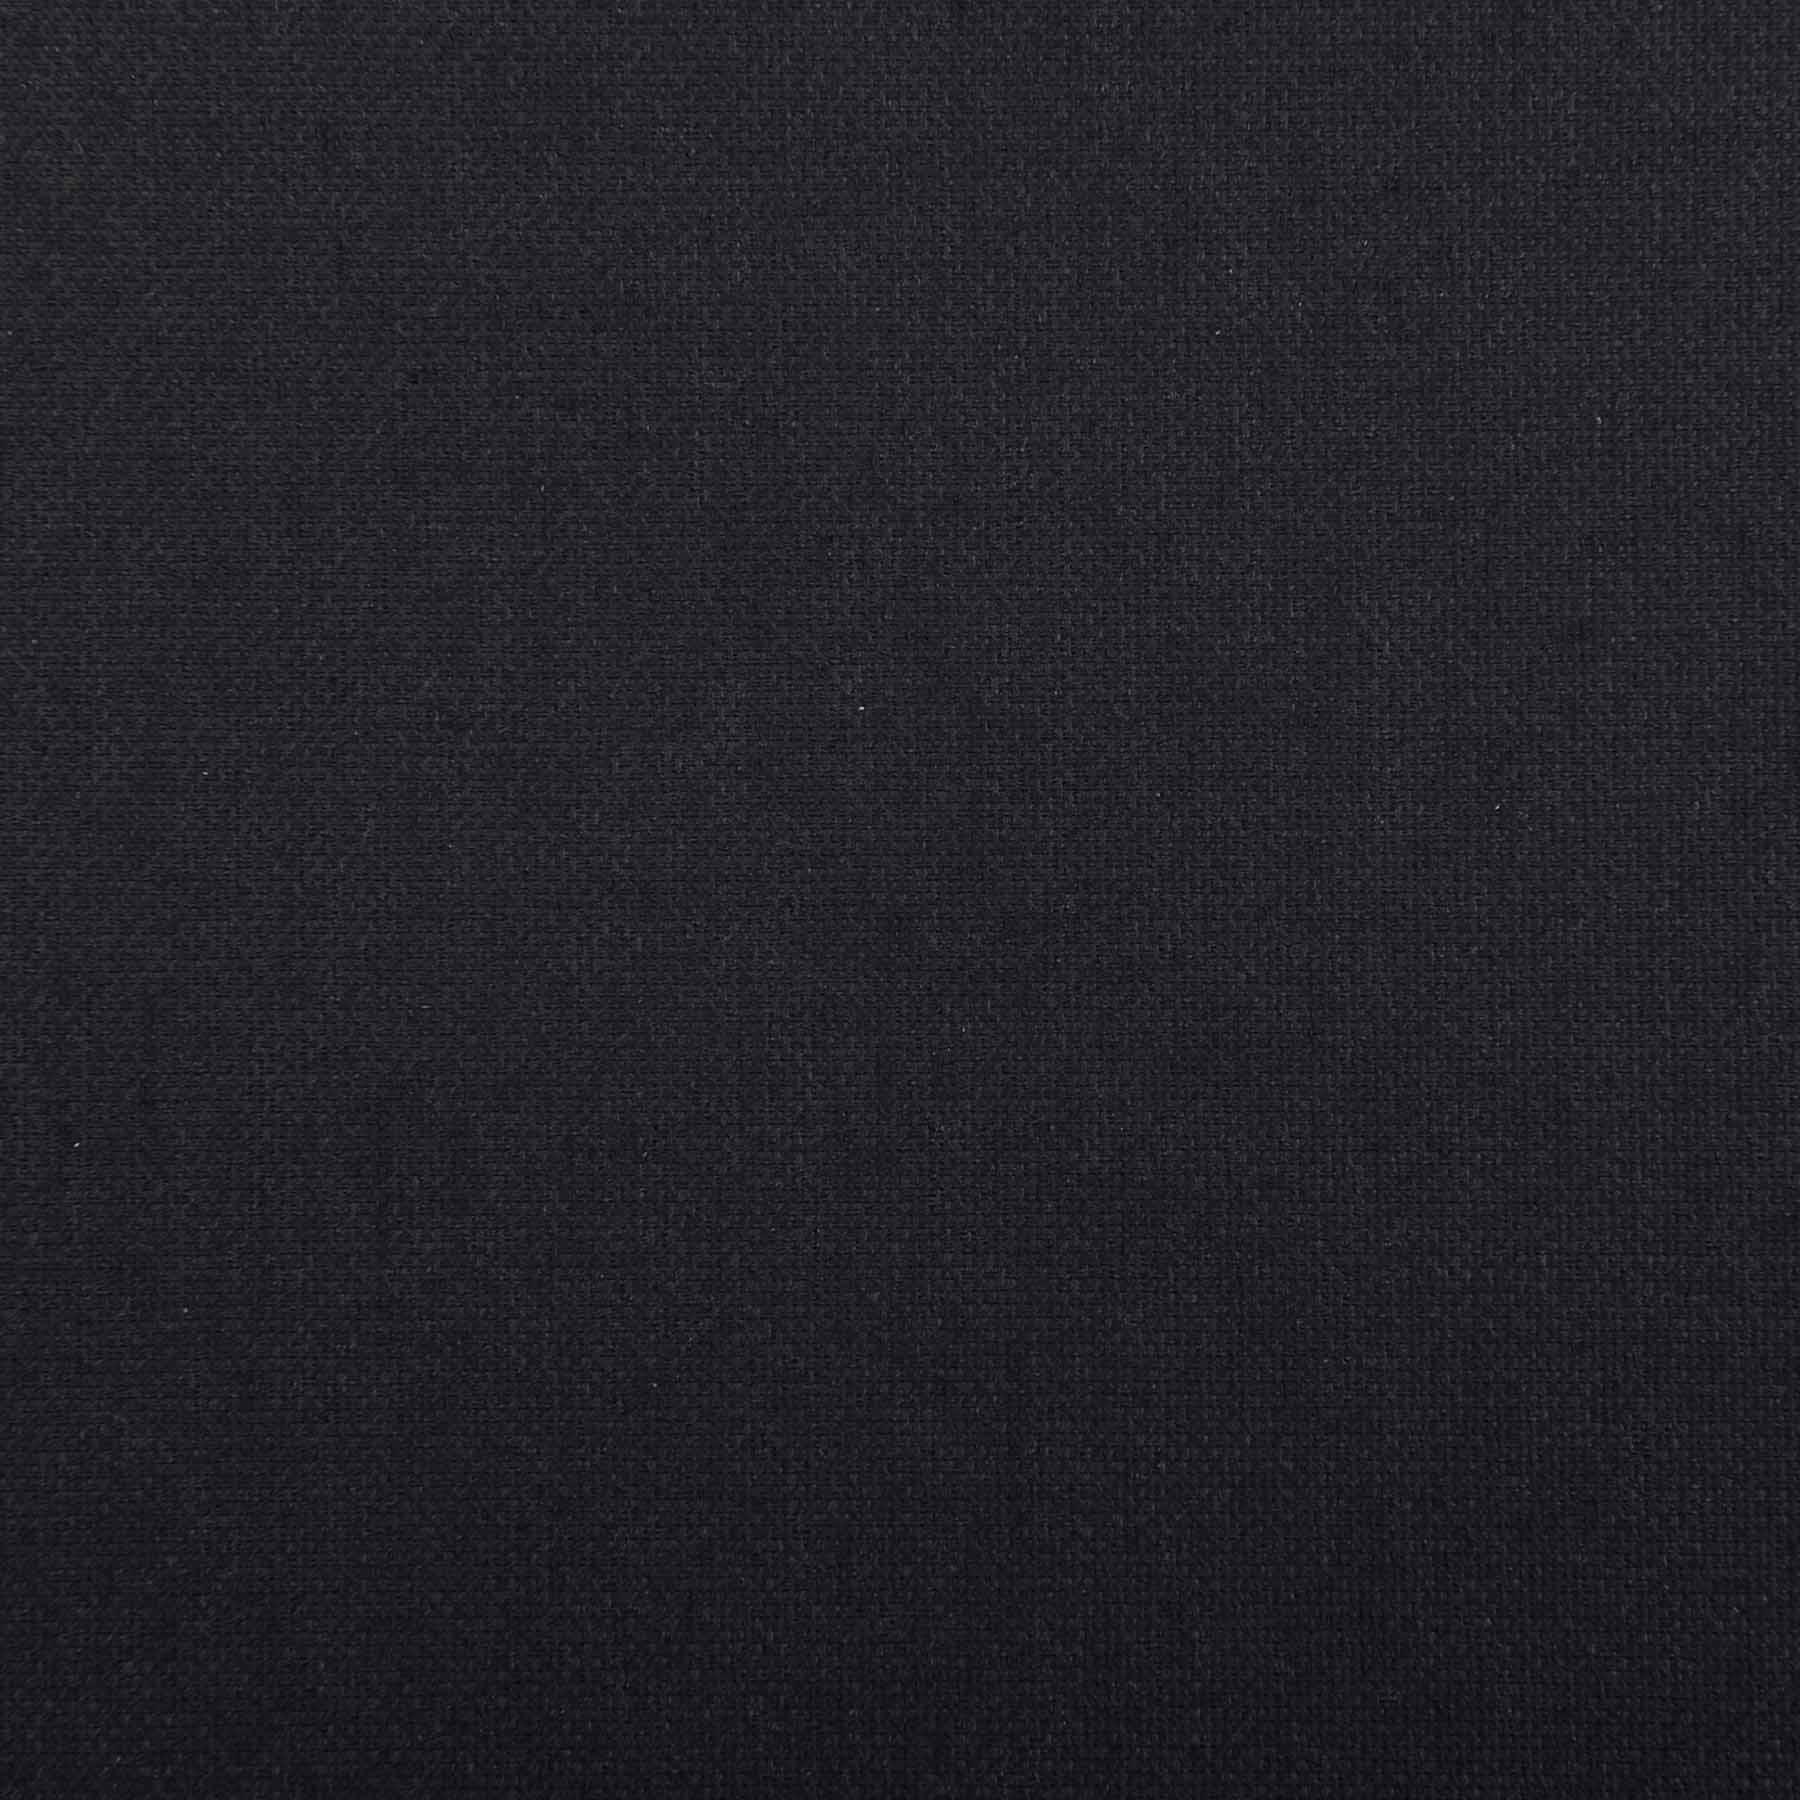 zwart rolgordijn lichtdoorlatend